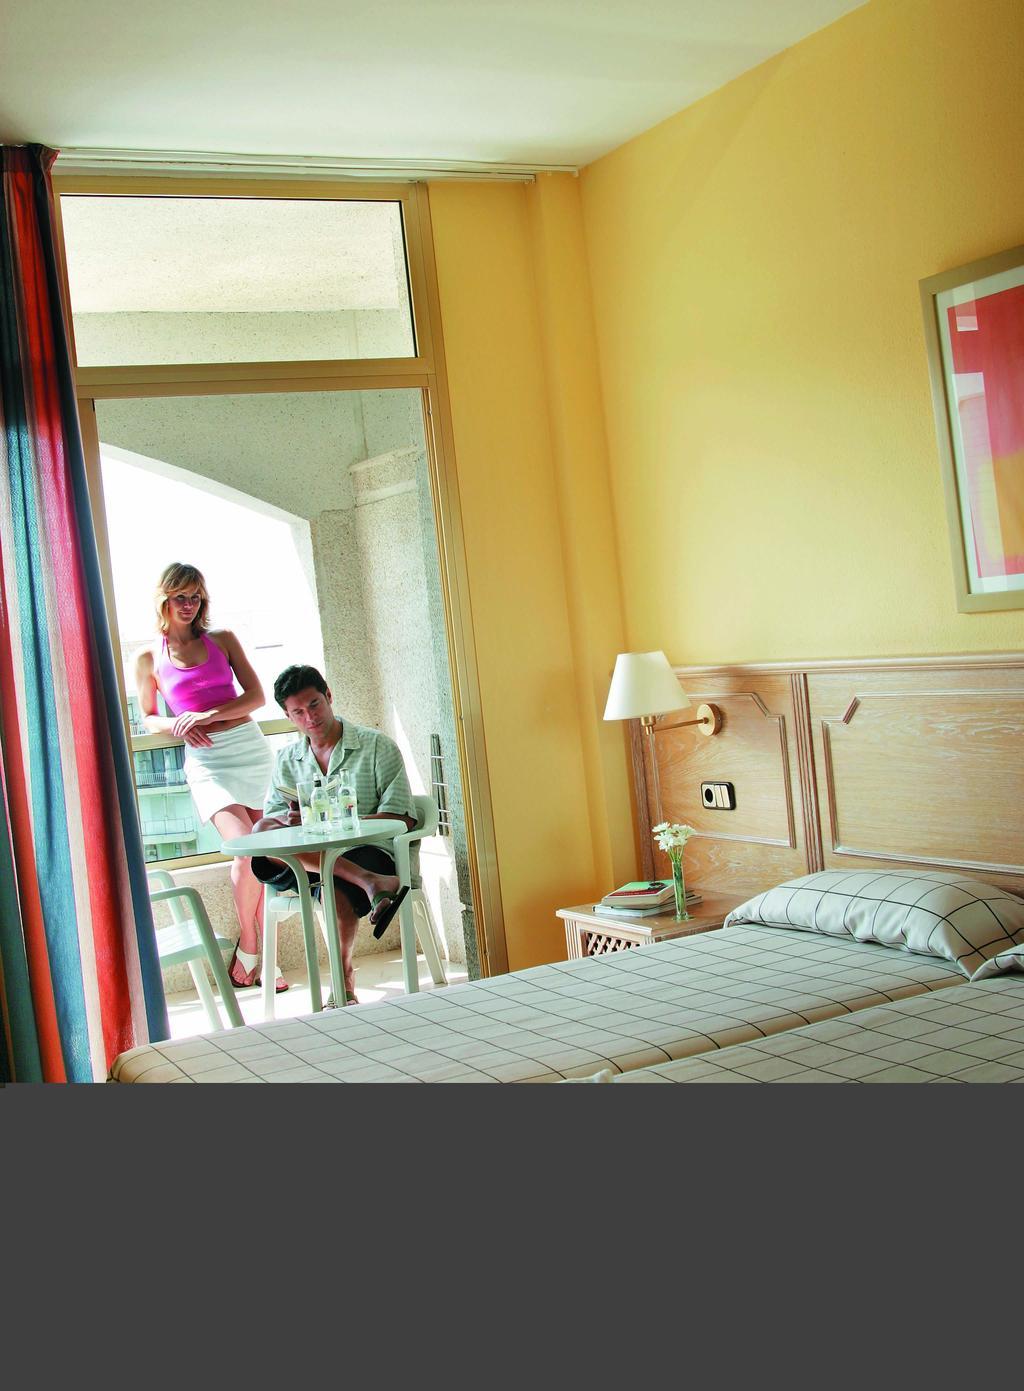 hotel princess andorra: